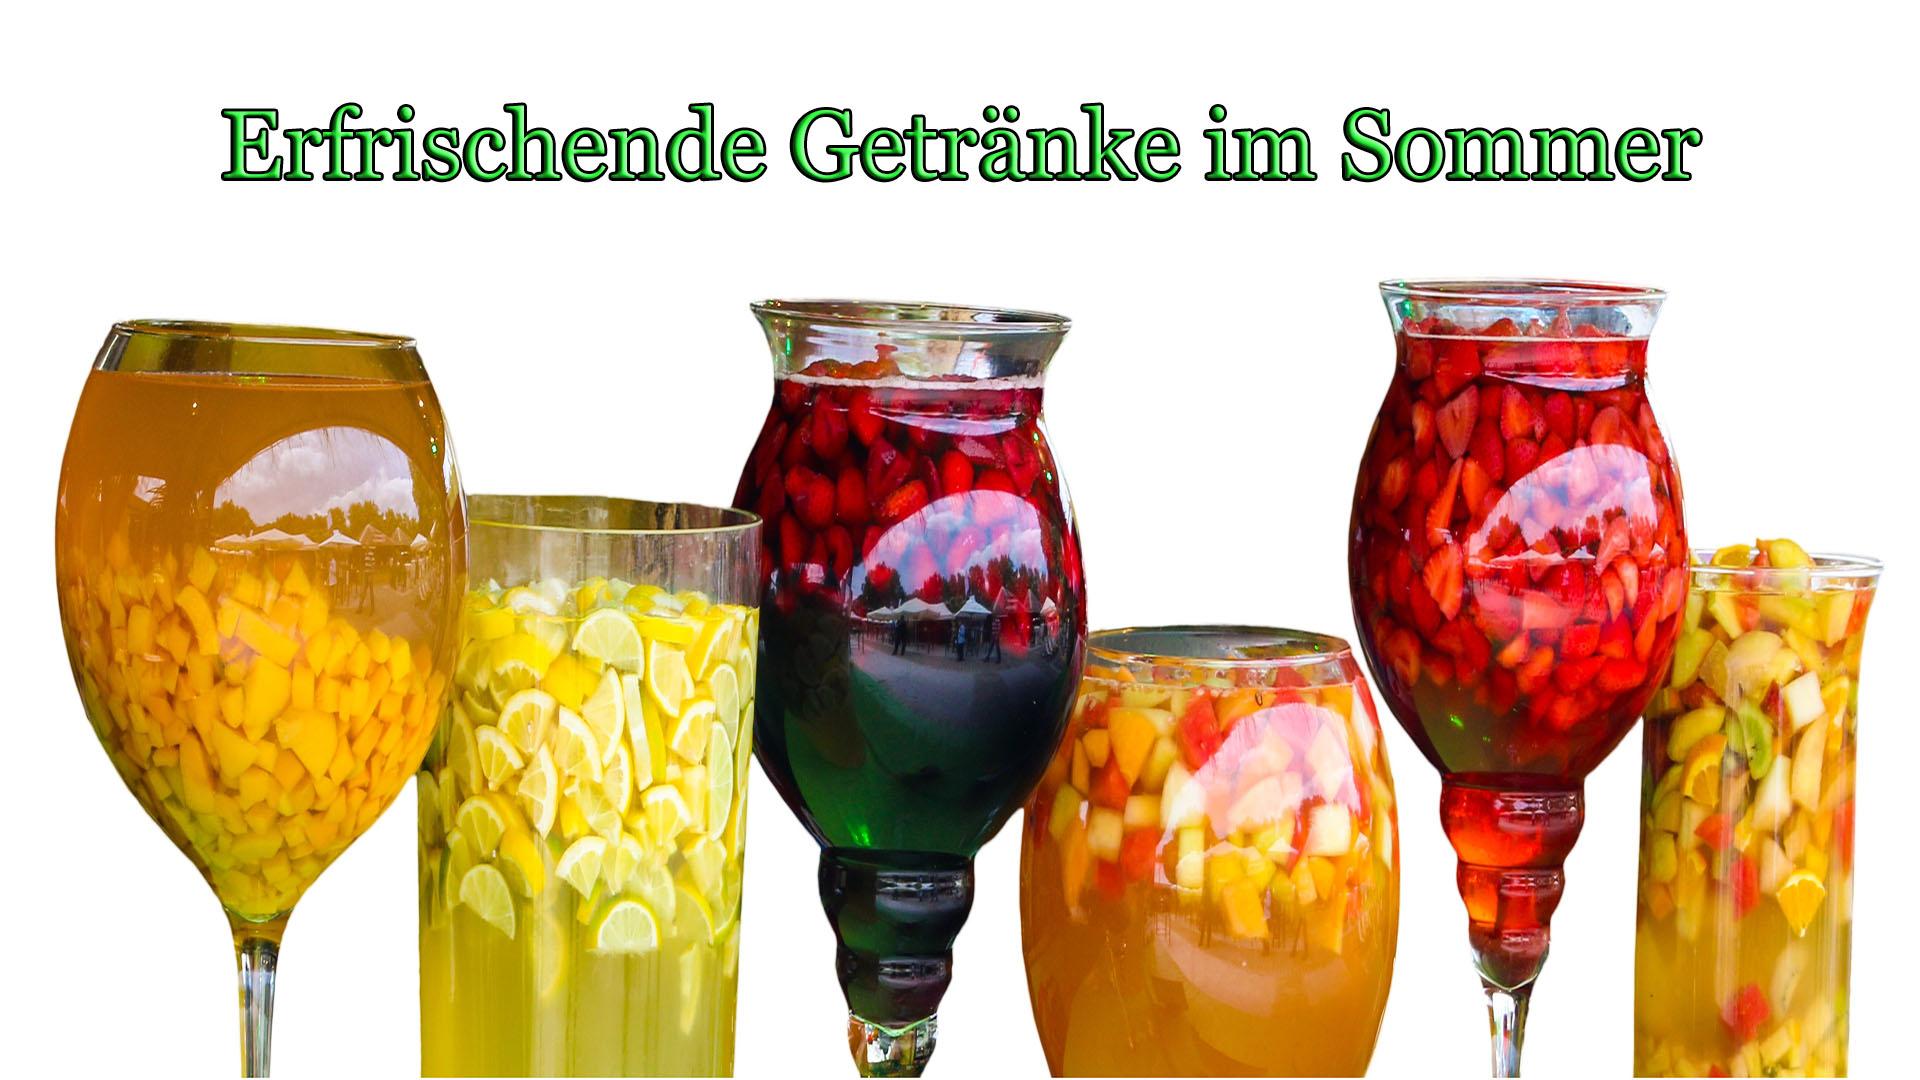 Erfrischende Getränke im Sommer | Kochblog auf Kochen-verstehen.de